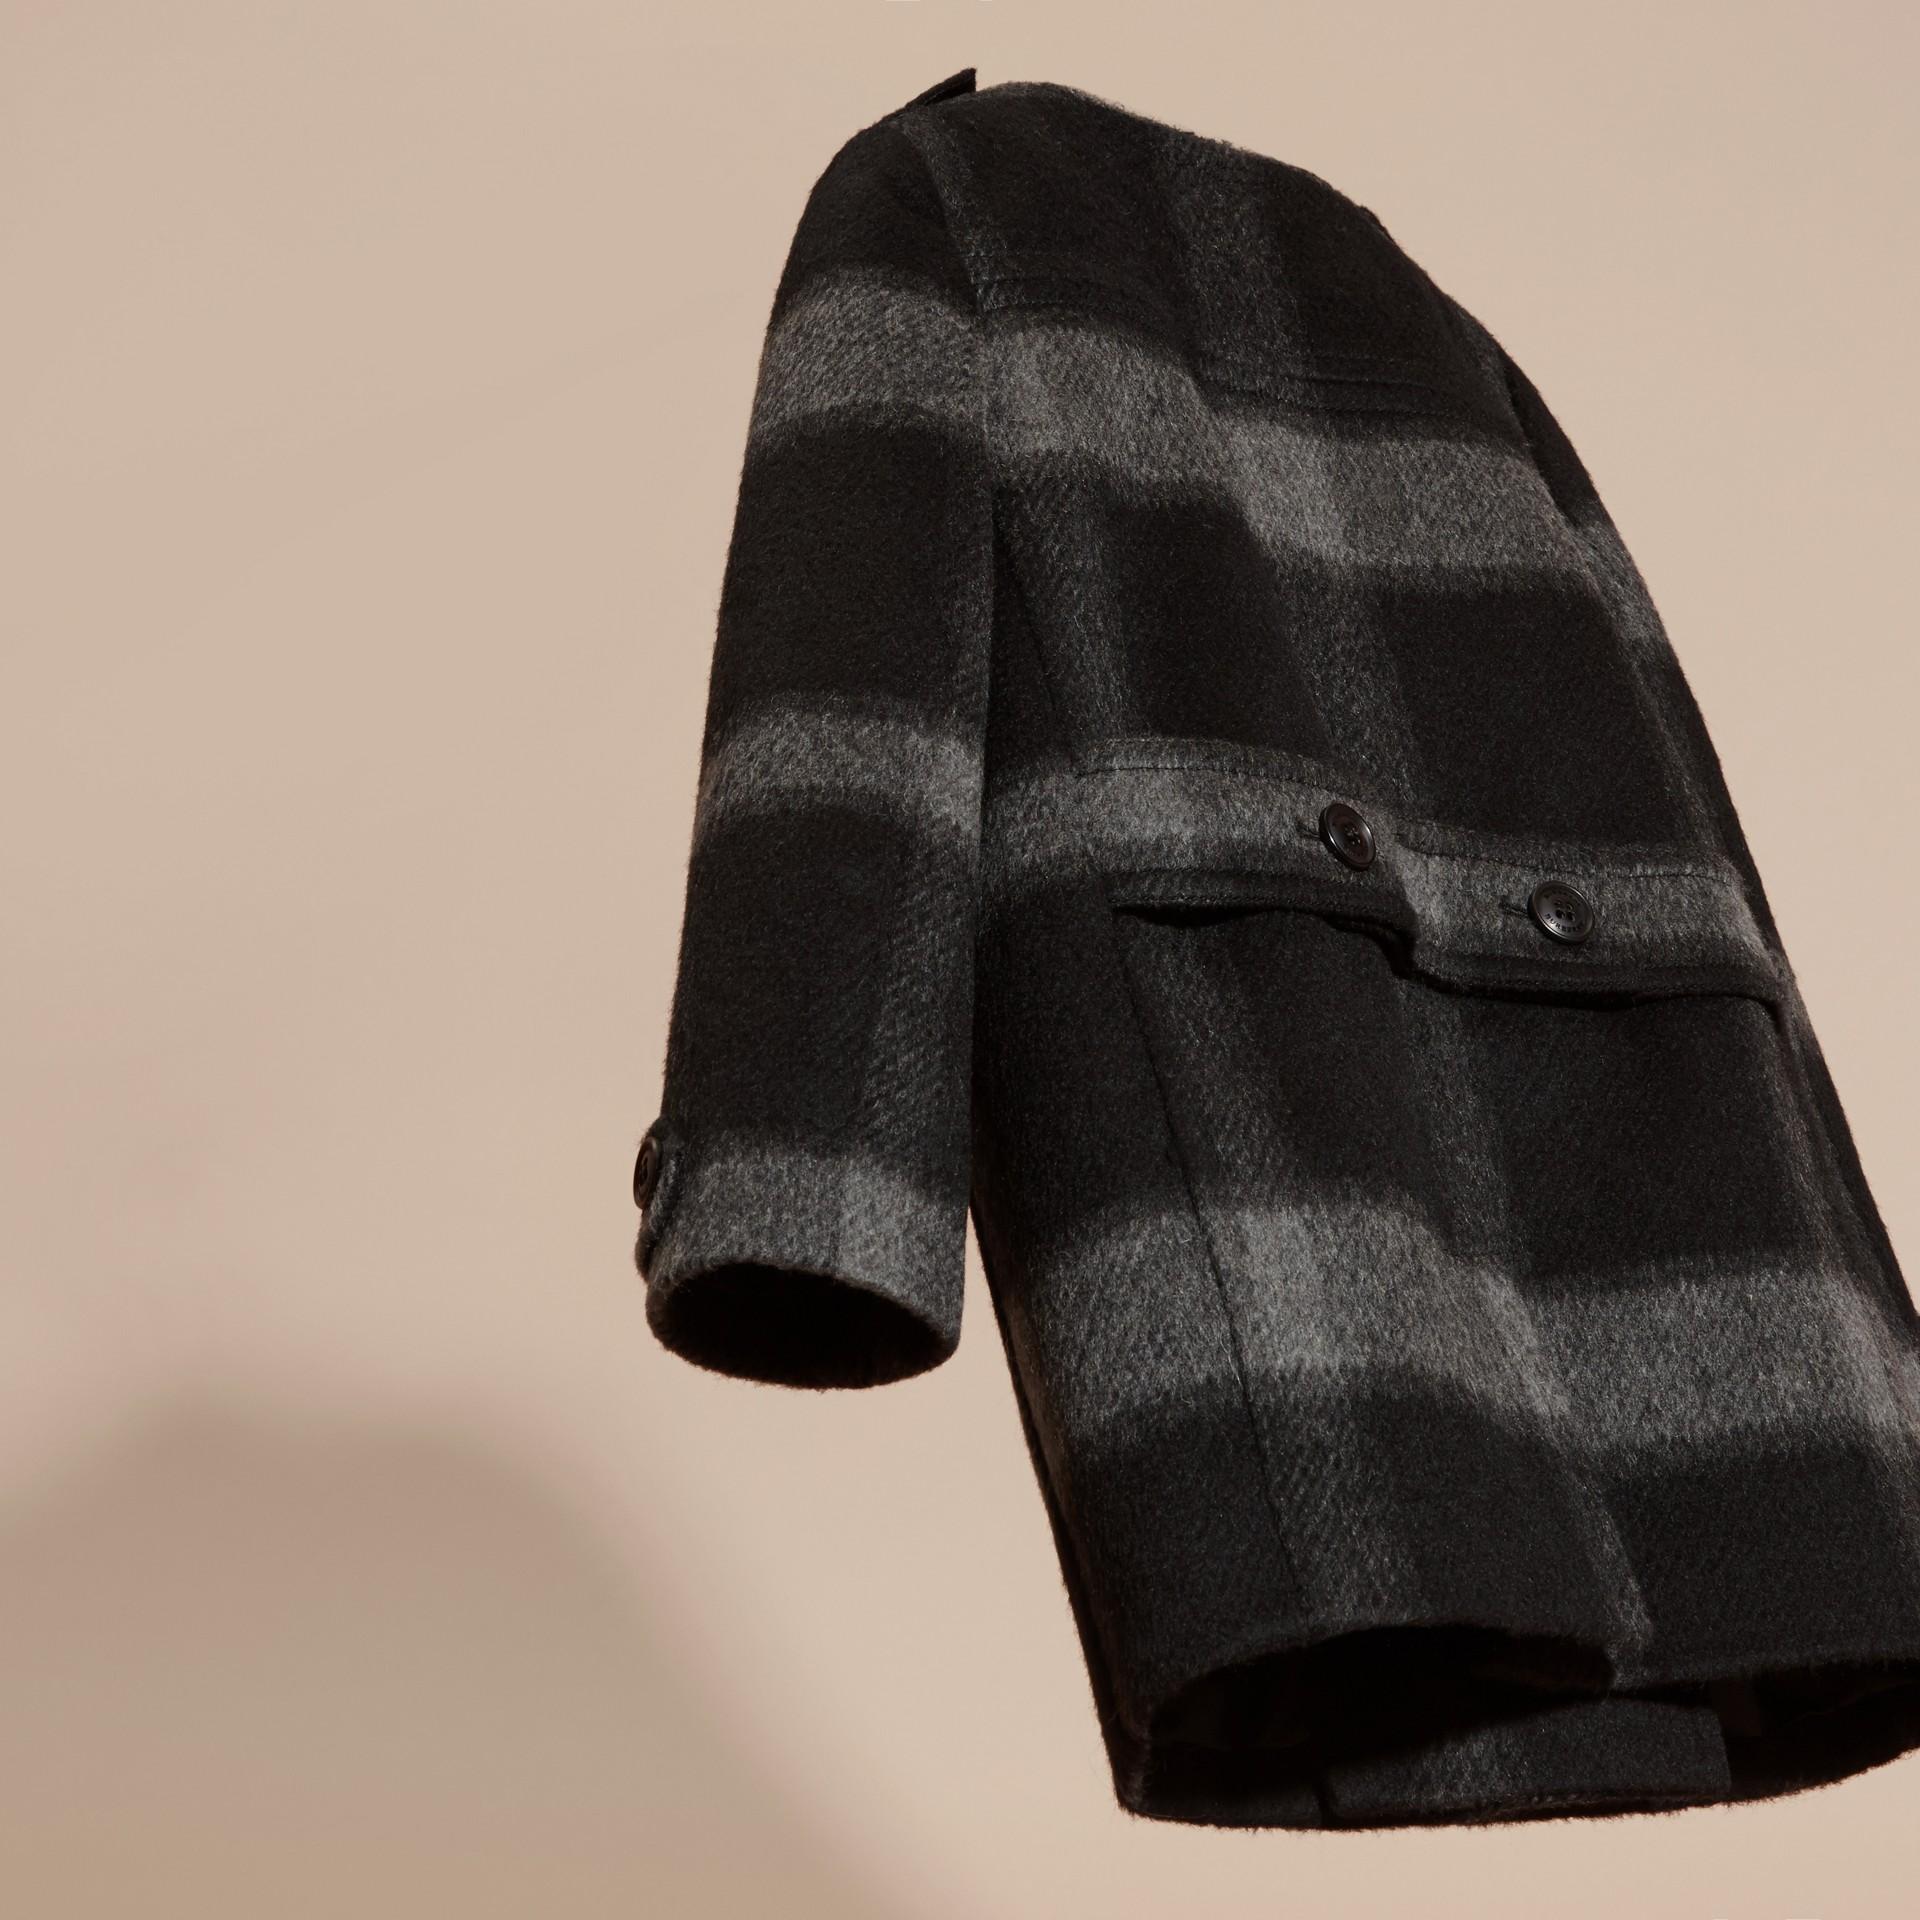 Nero fumo scuro Cappotto senza colletto in misto lana con motivo check - immagine della galleria 4